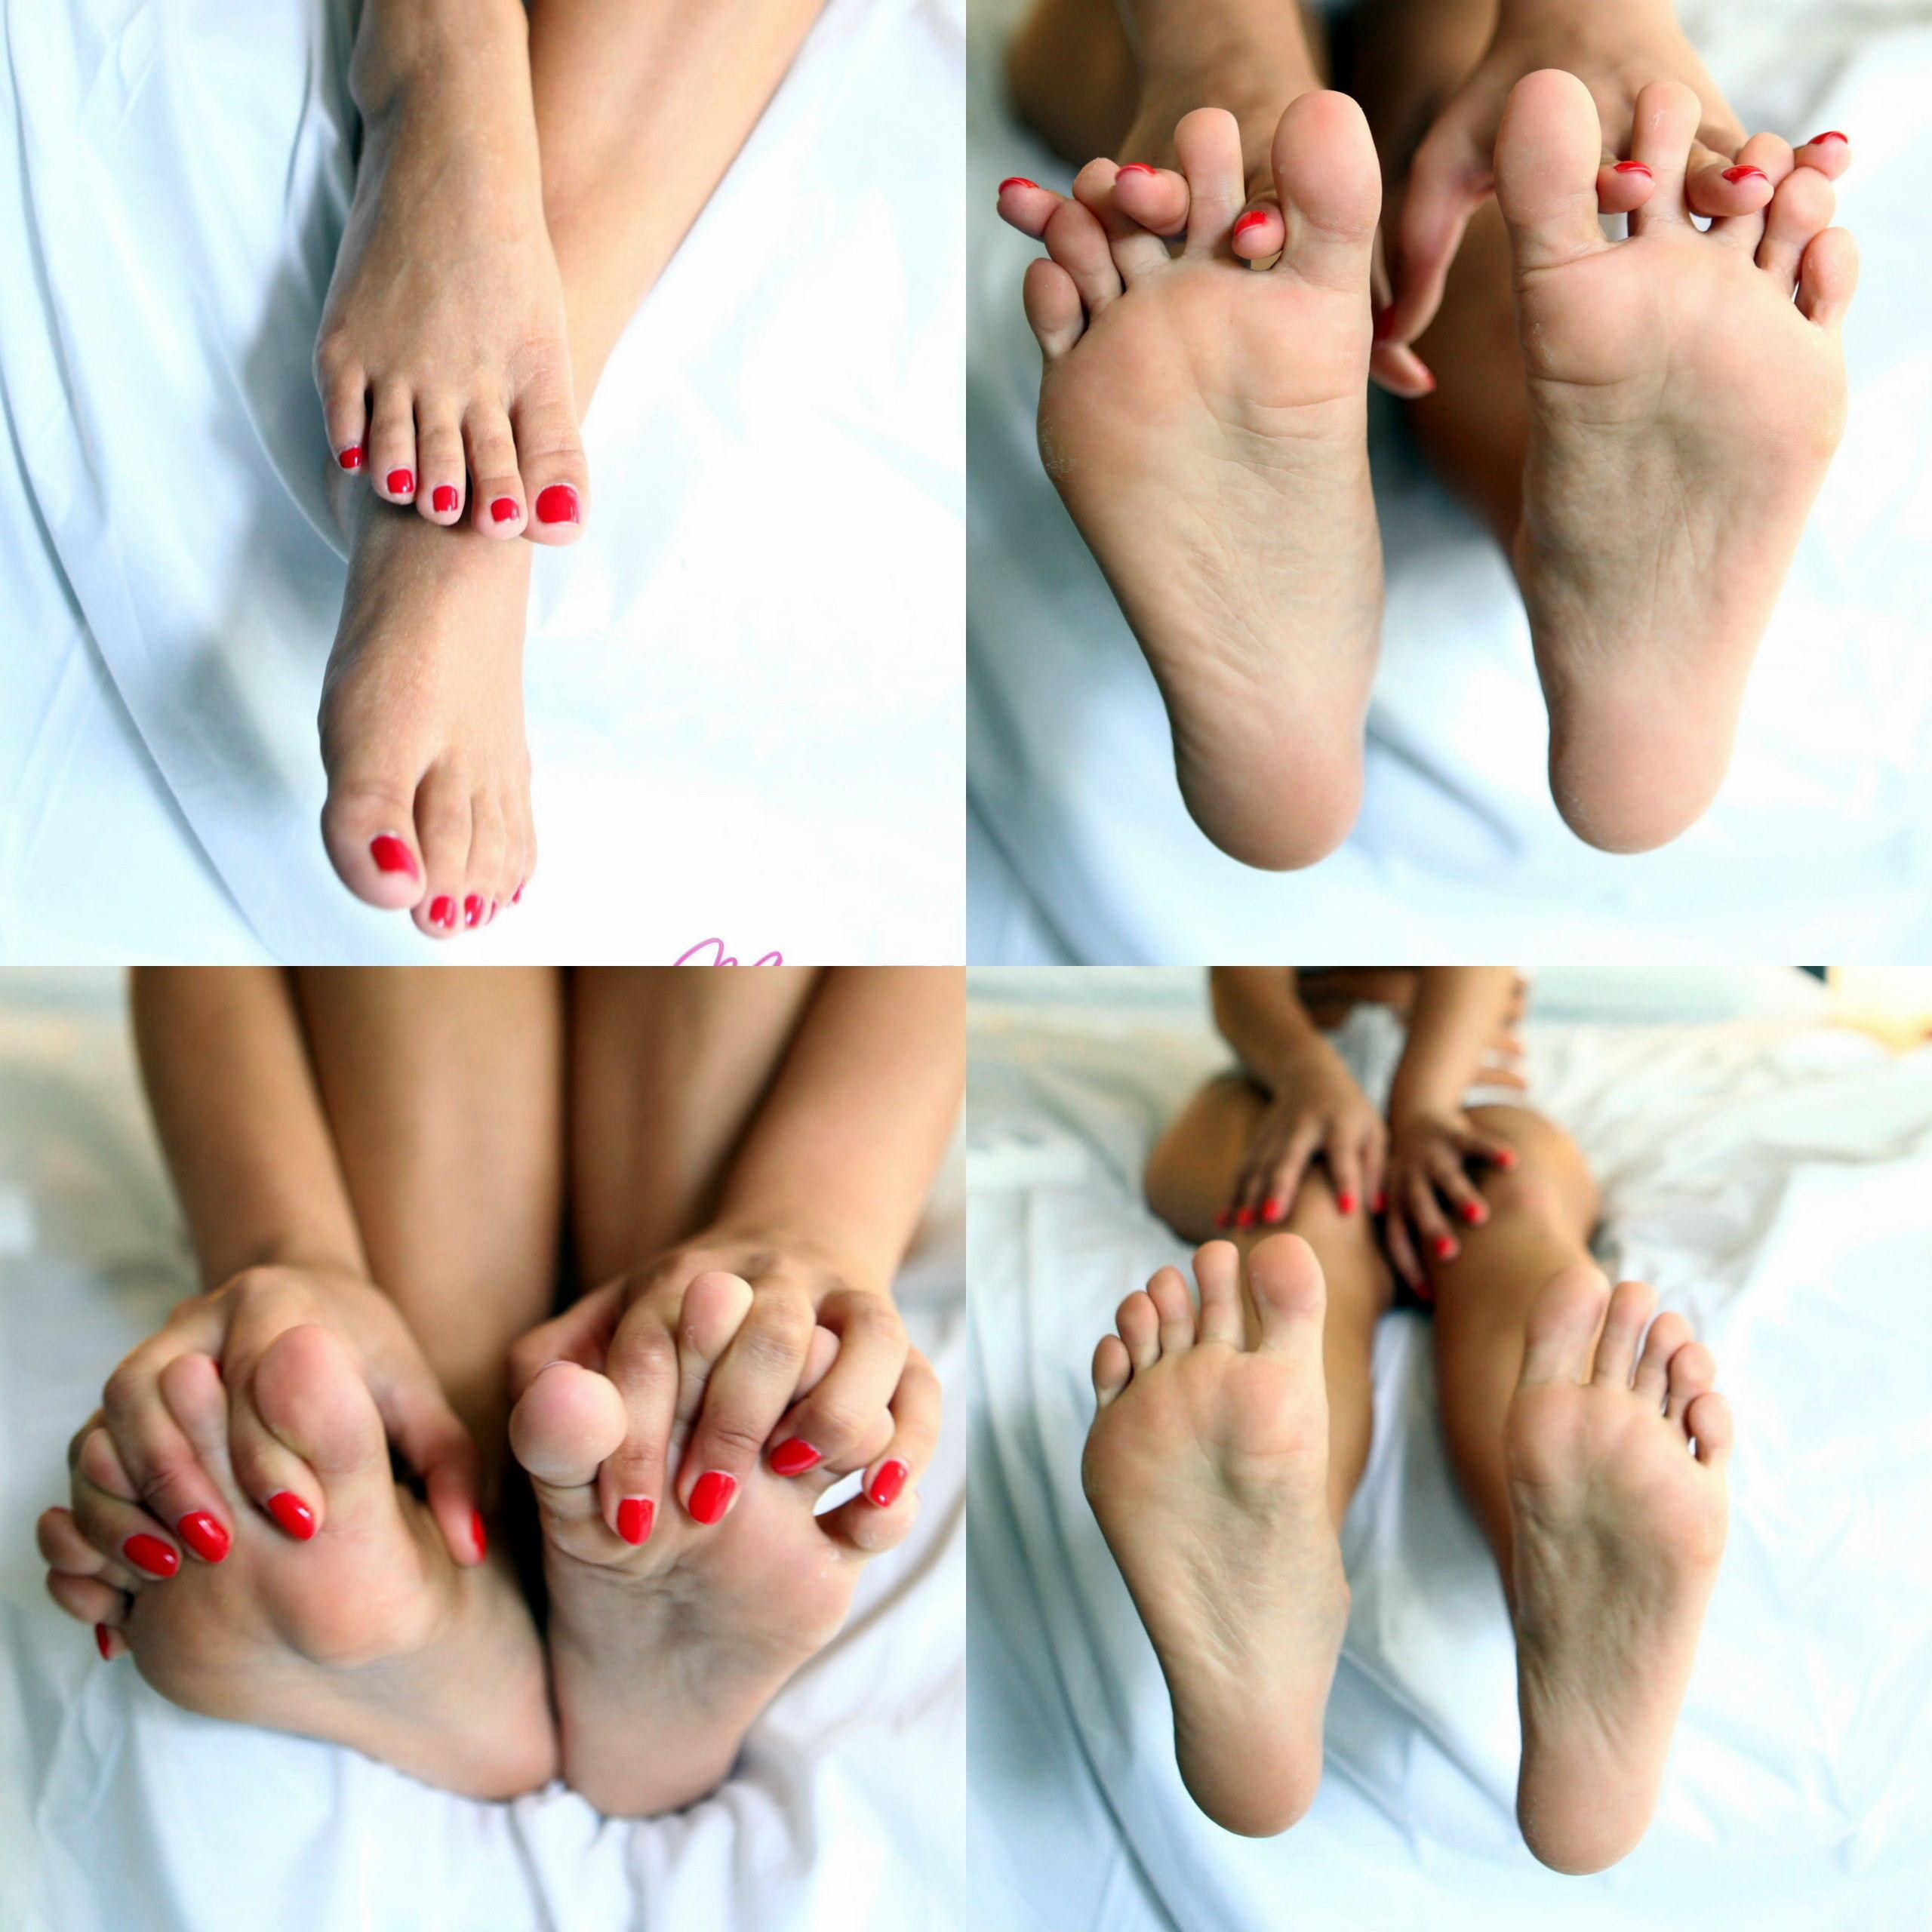 Feet eva lovia Eva Lovia